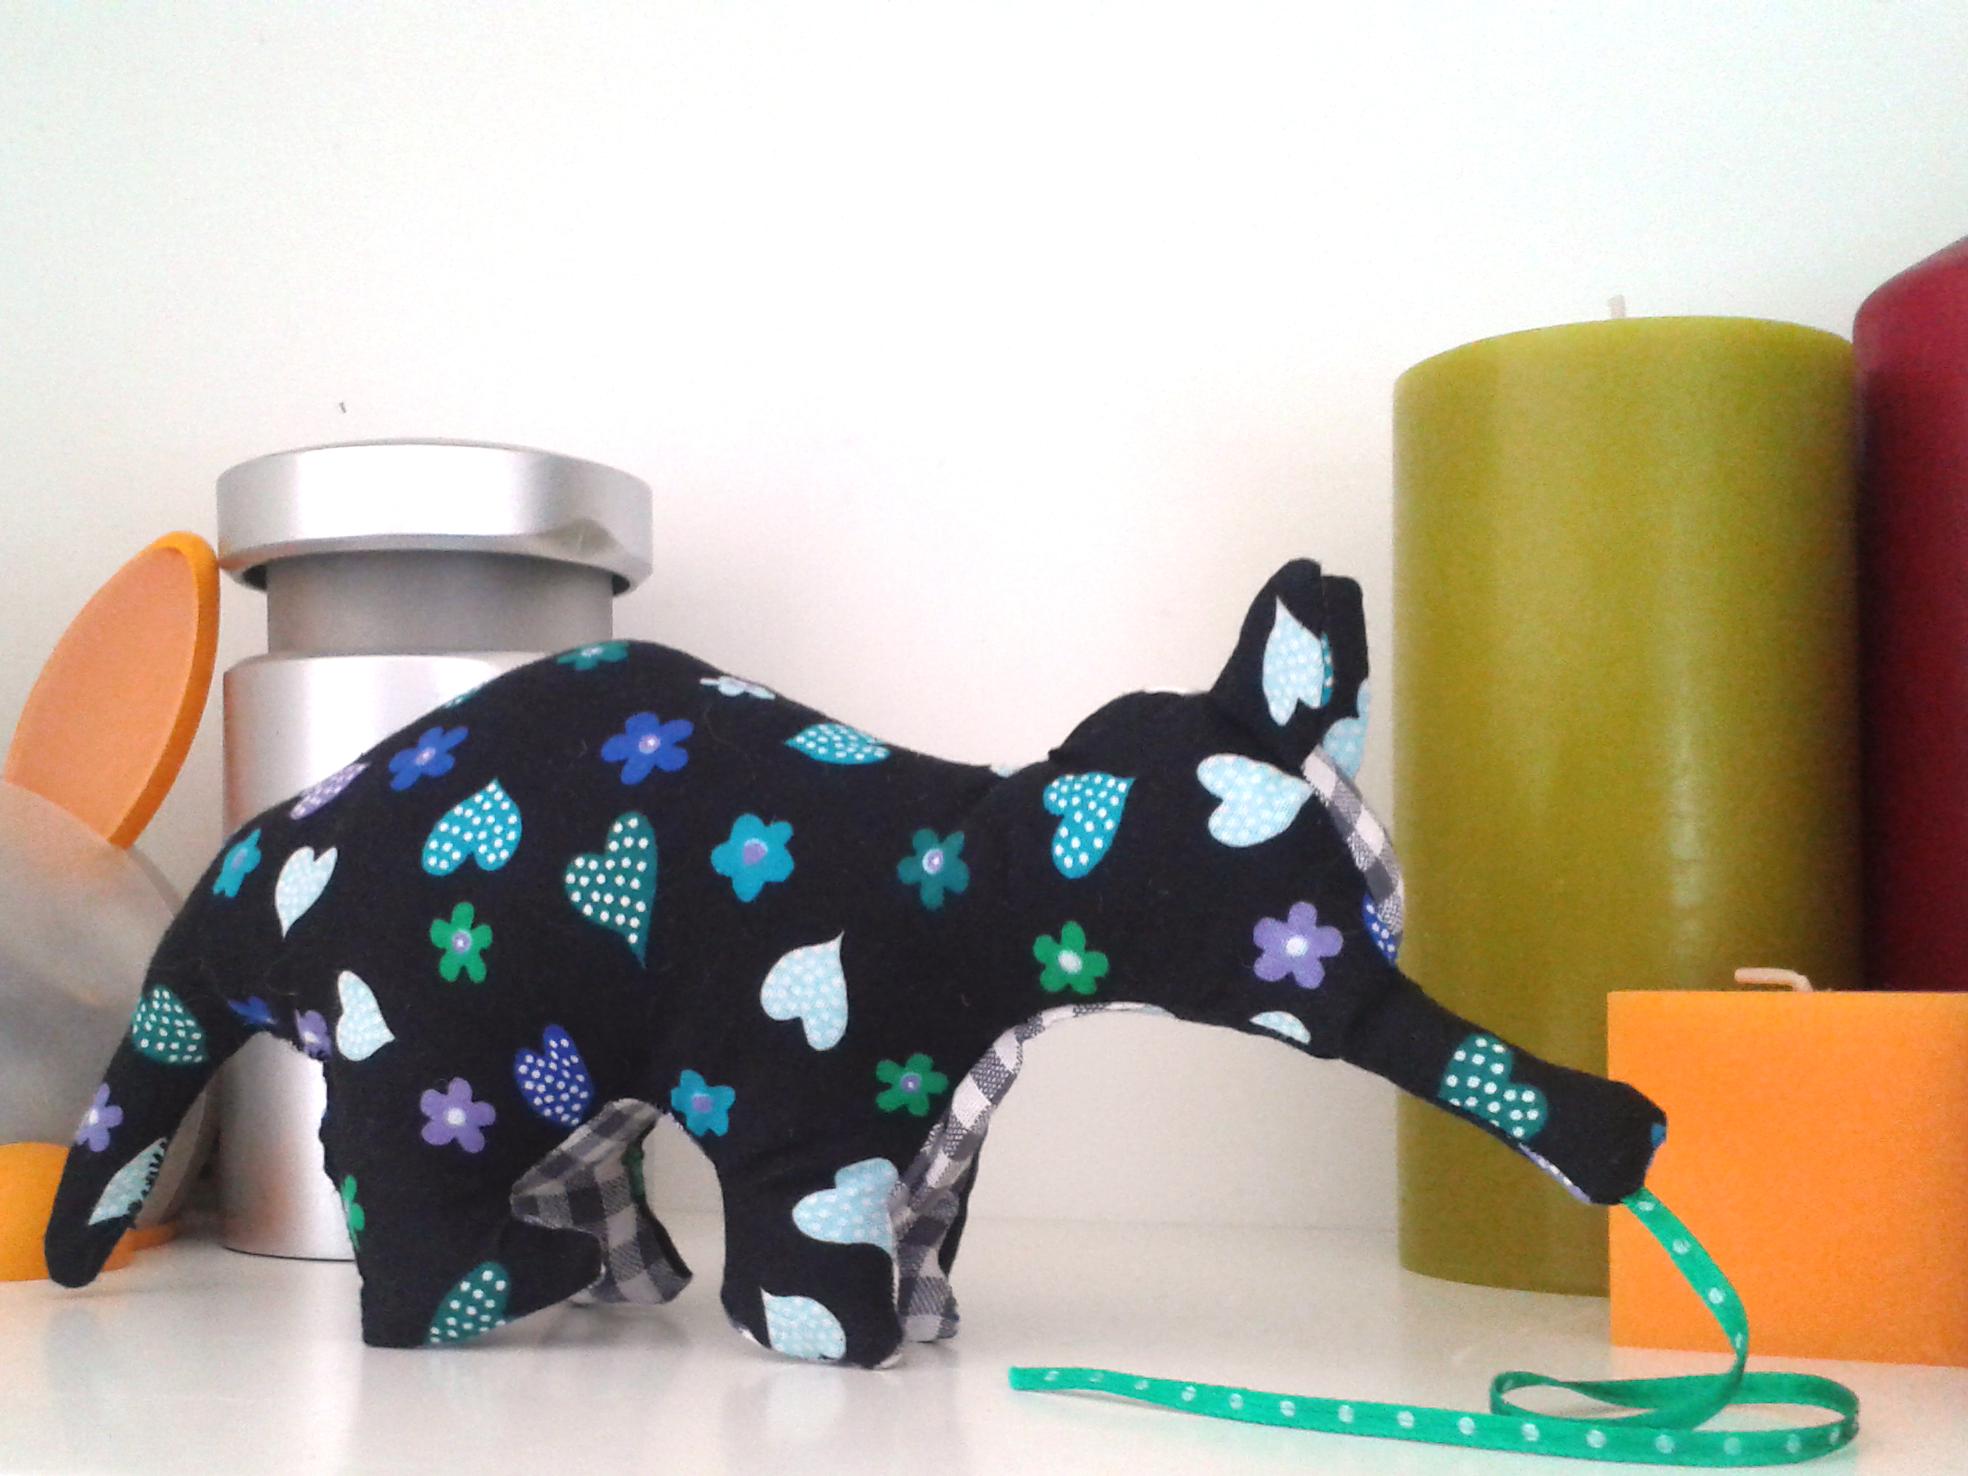 plushie aardvark, aardvark plushie, stuffed animal aardvark